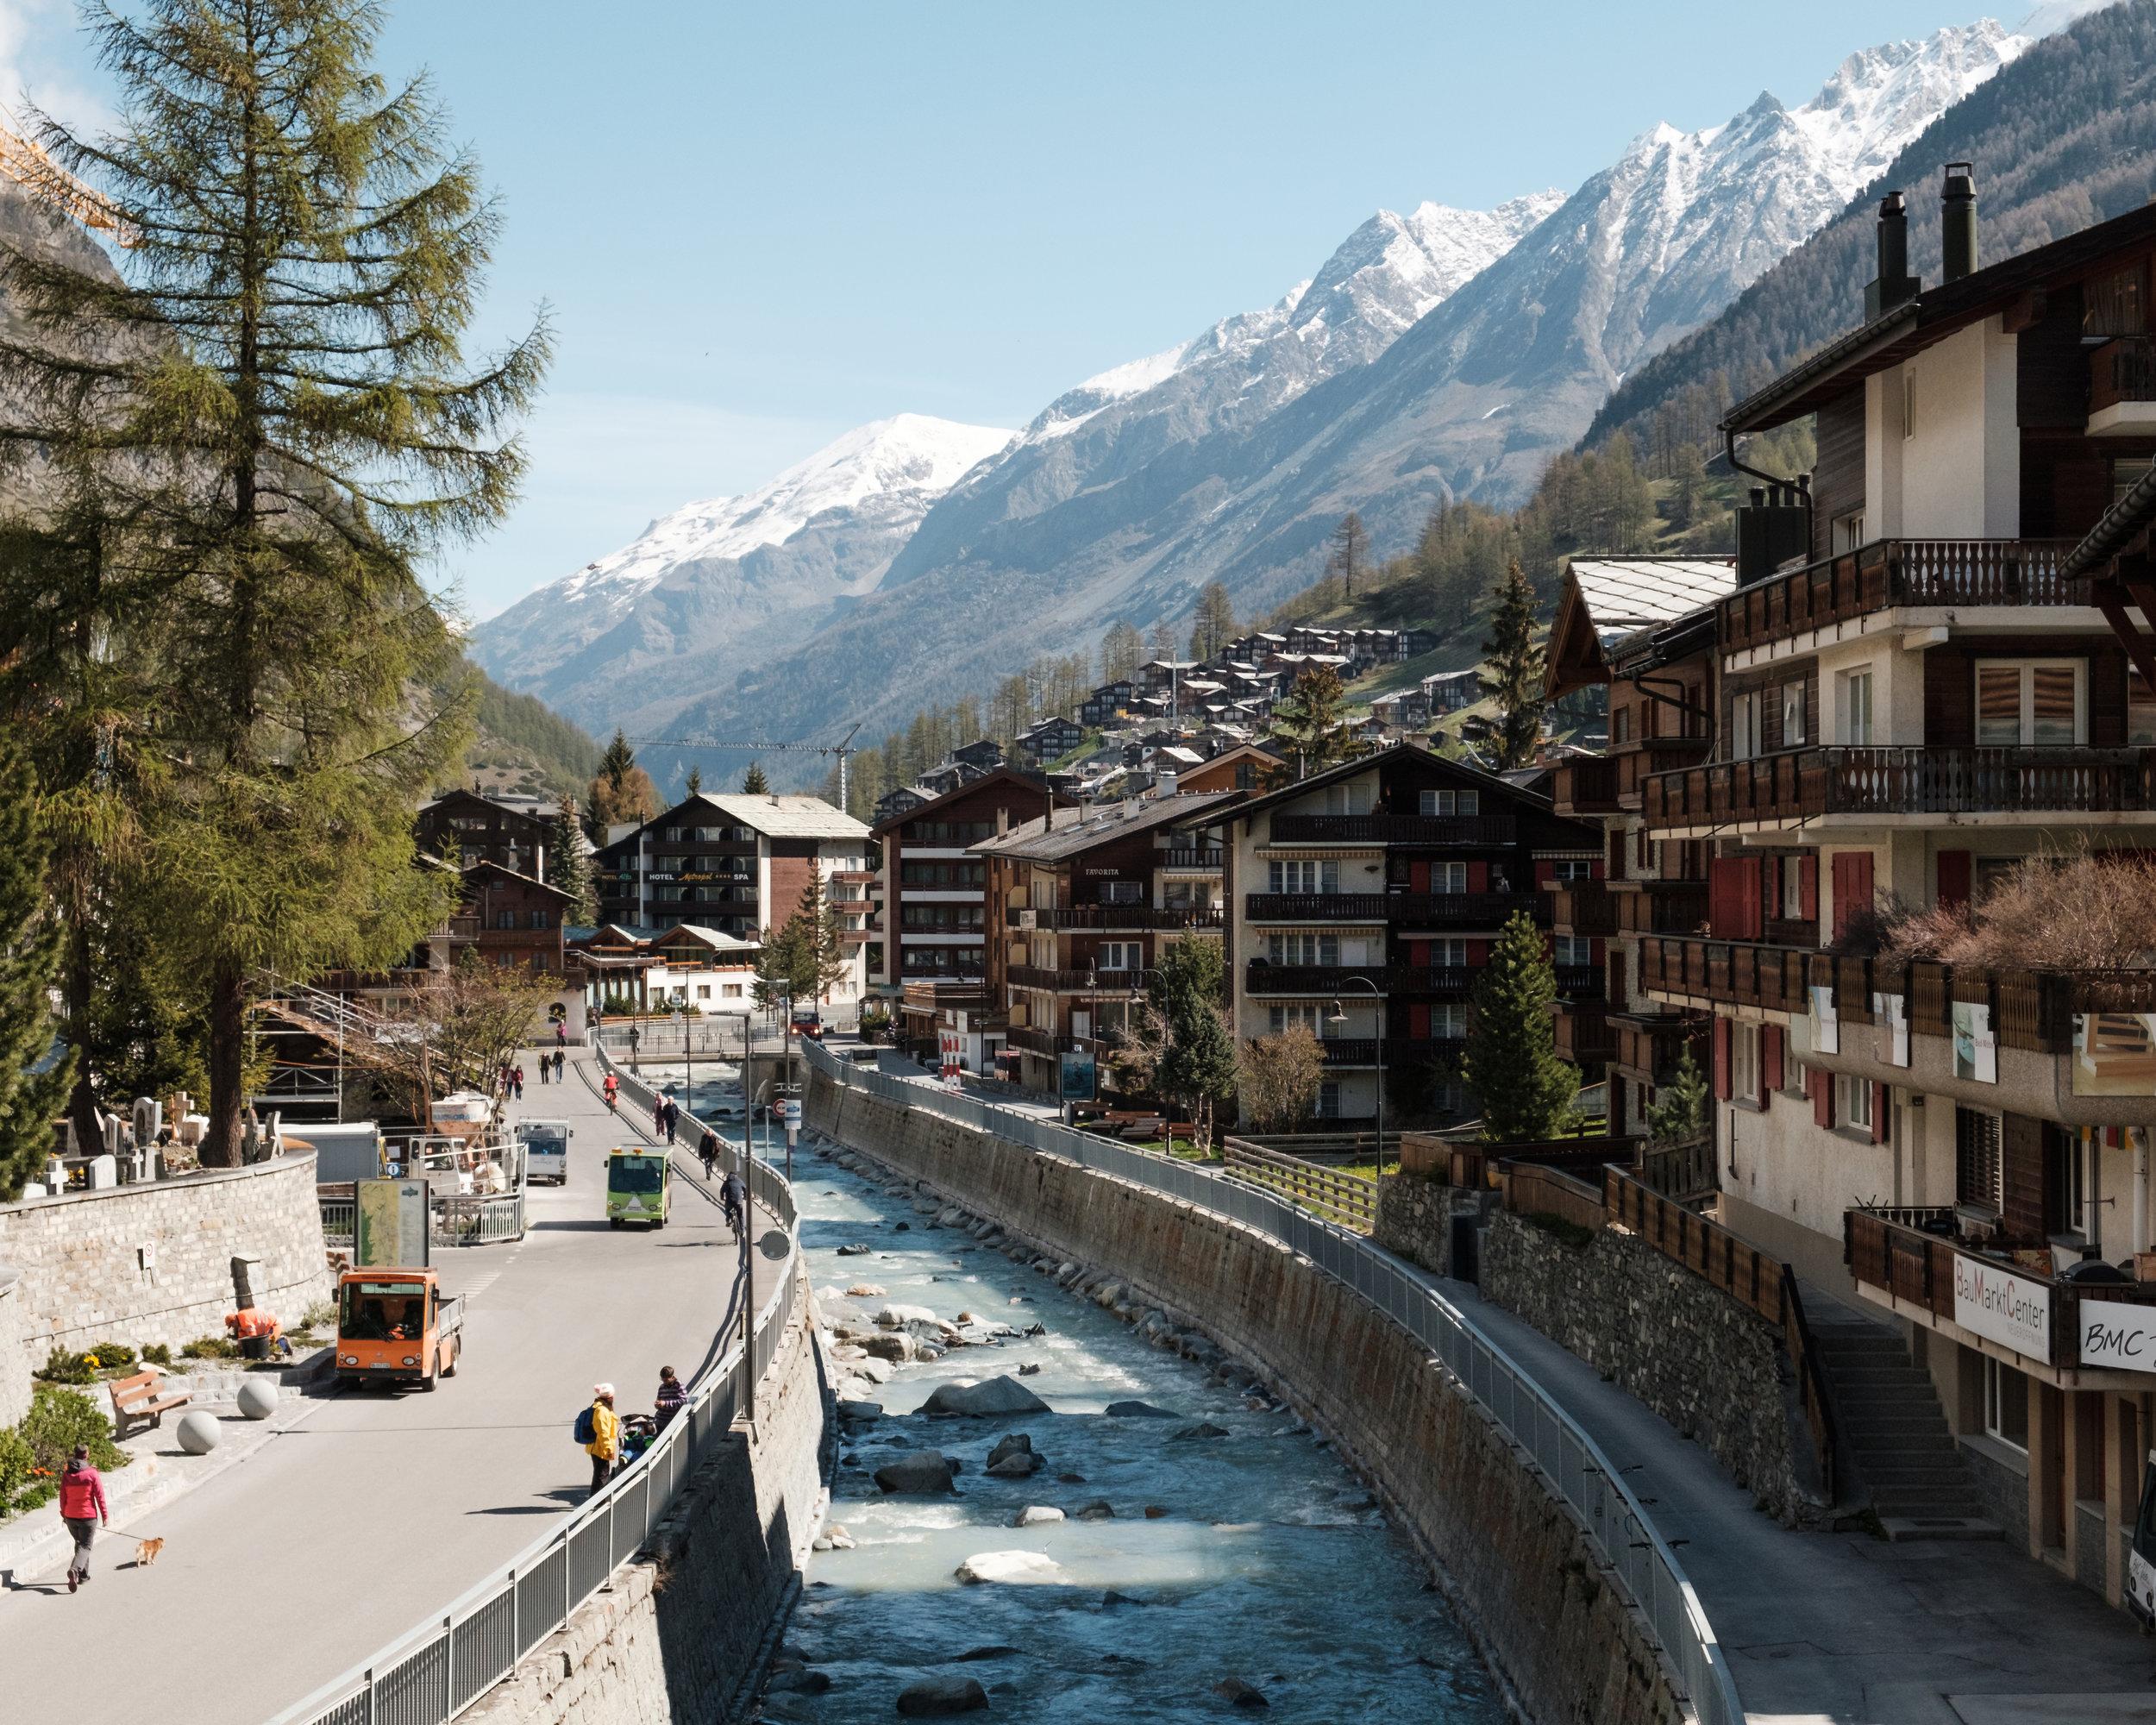 Exploring the streets of Zermatt. -